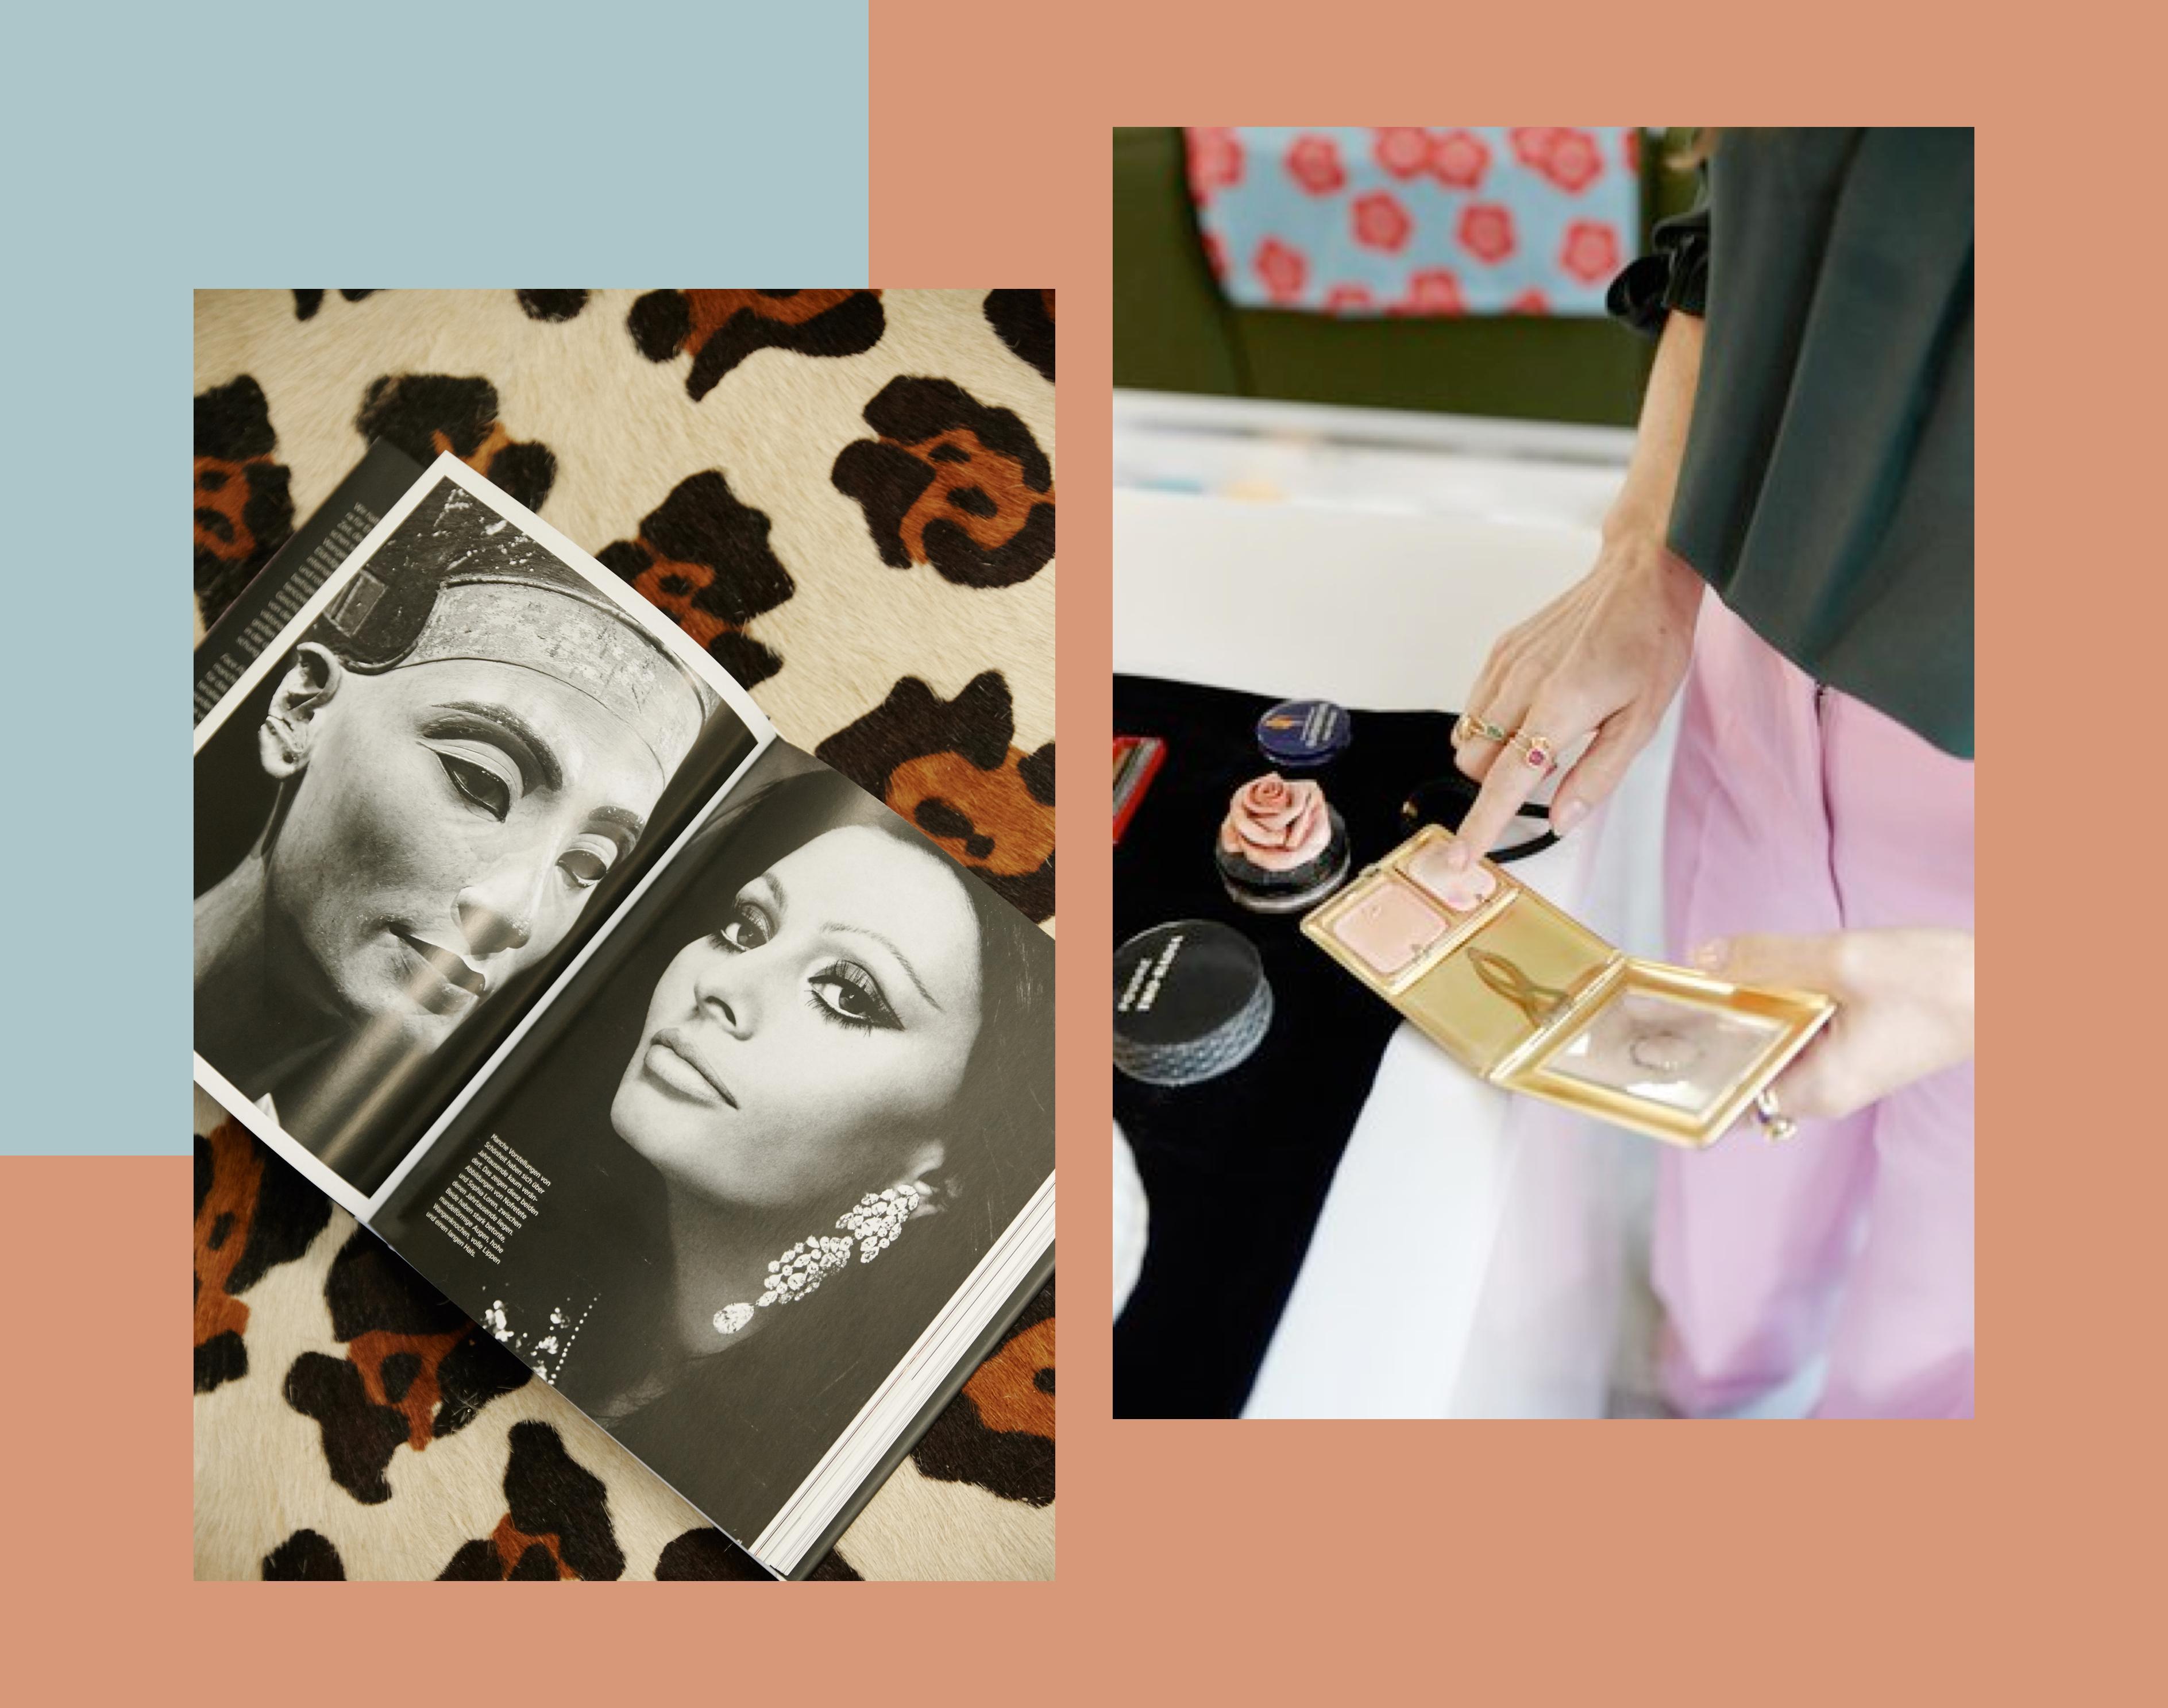 Lisa Eldridge: Manche Ideale sind unvergänglich: Nofretete und Sophia Loren in Eldridges Buch. Rechts zeigt sie eine Make-up-Schatulle für unterwegs aus den 1920ern.